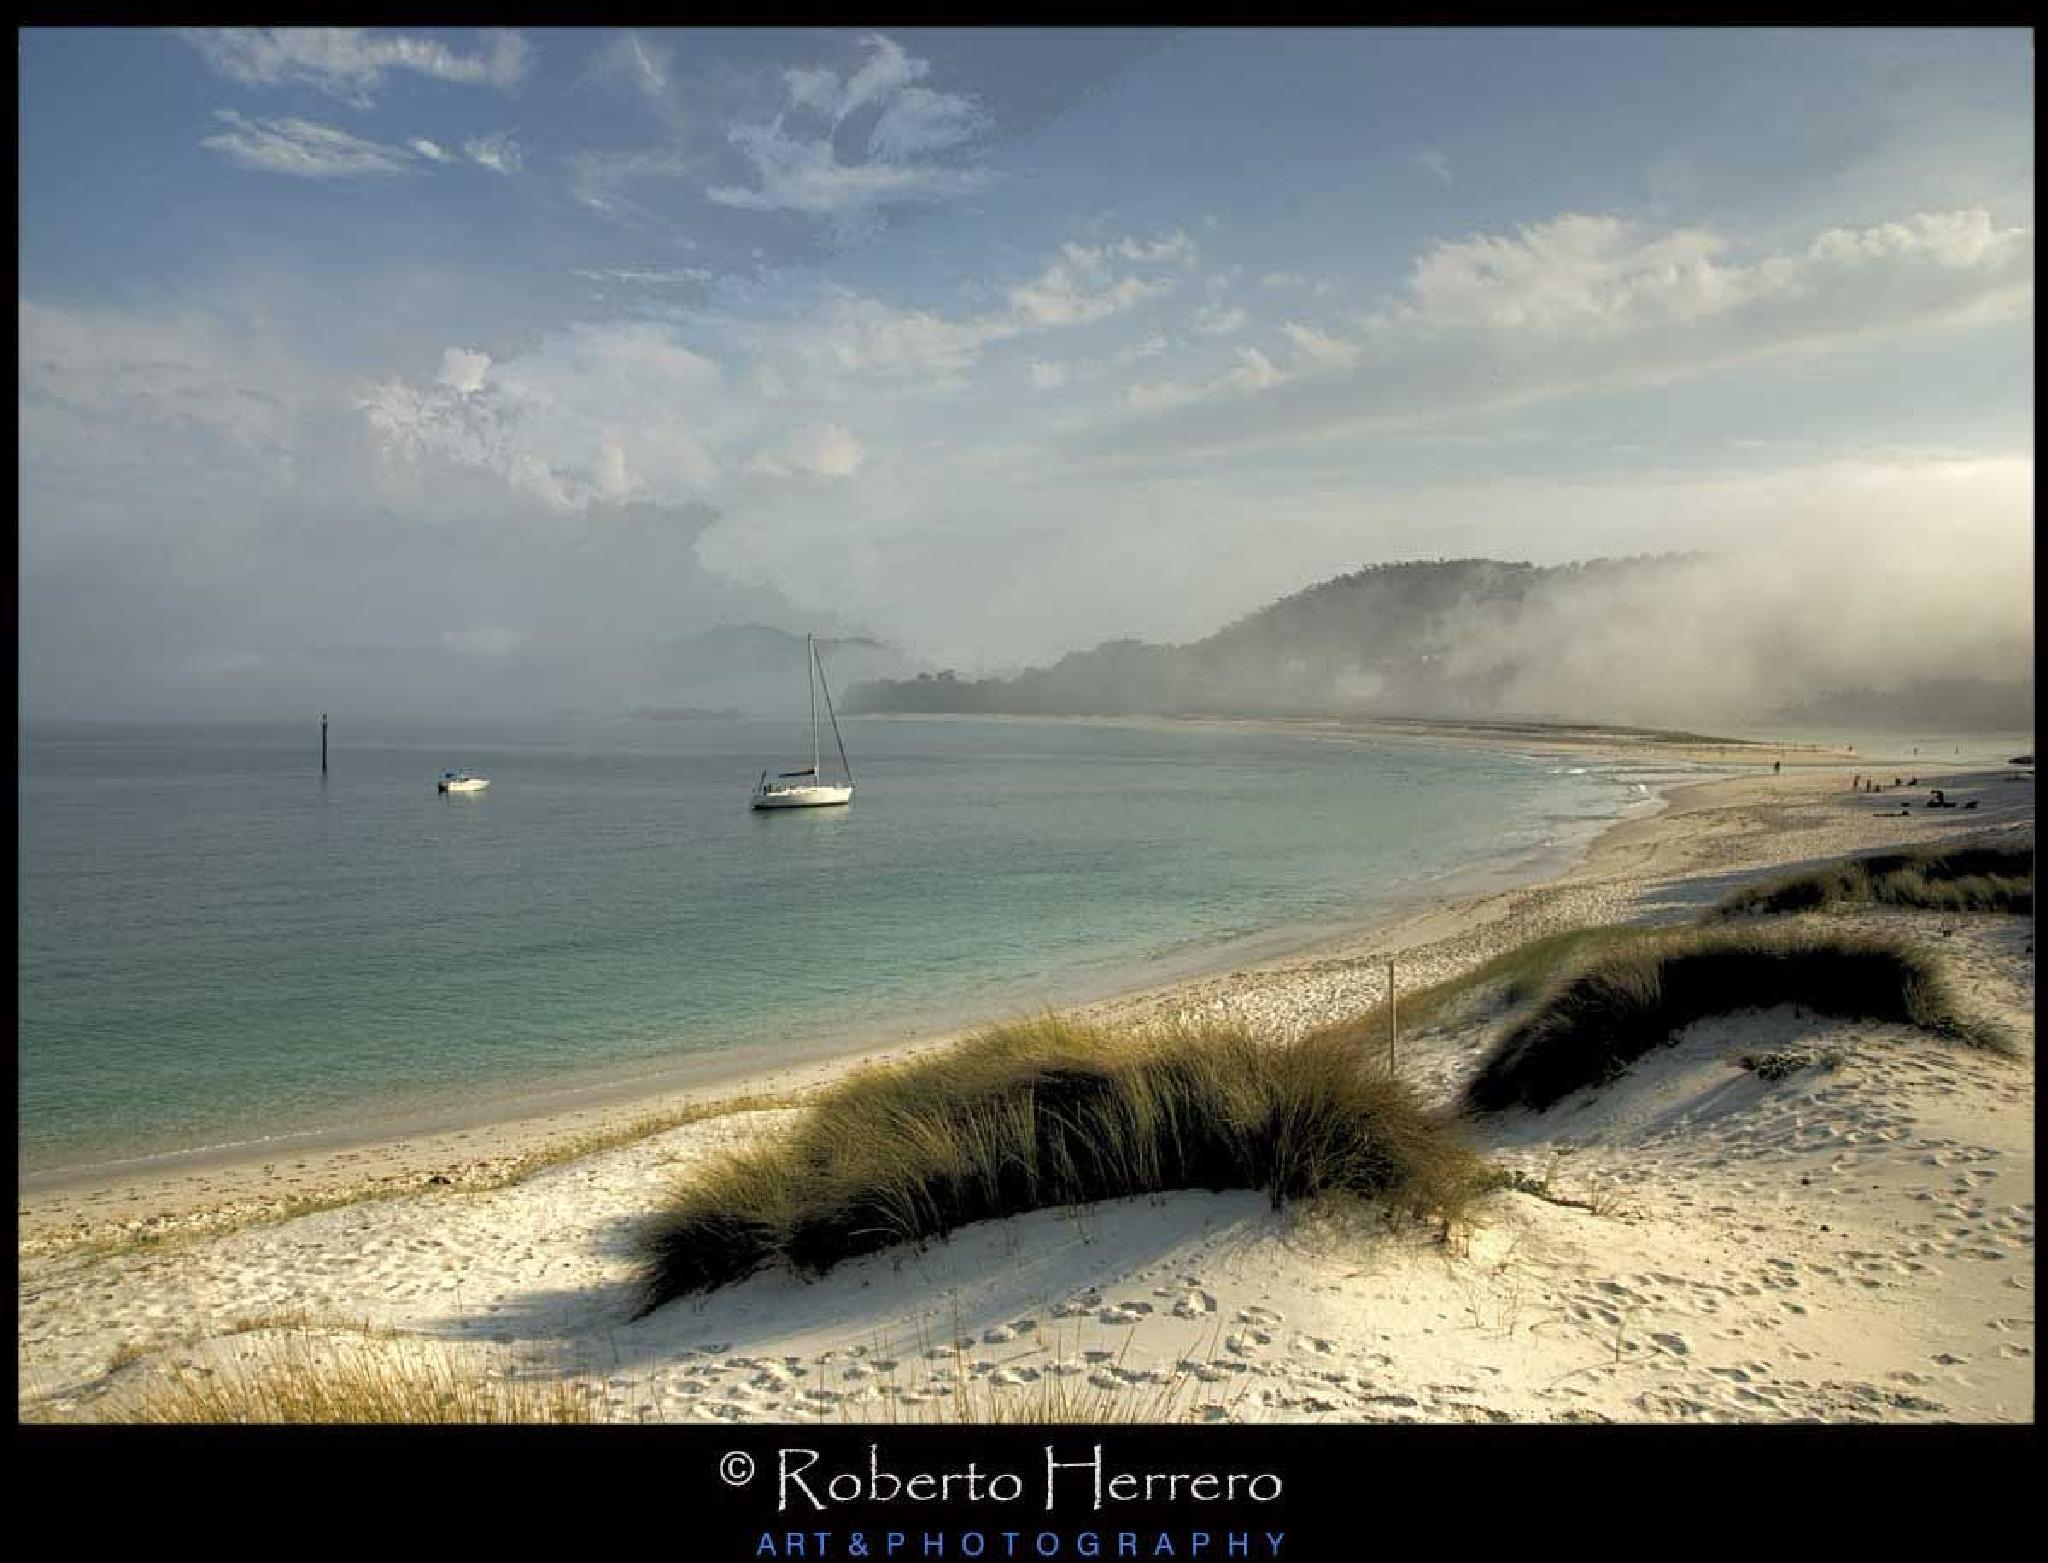 Praia das Rodas by Roberto Herrero. Photography